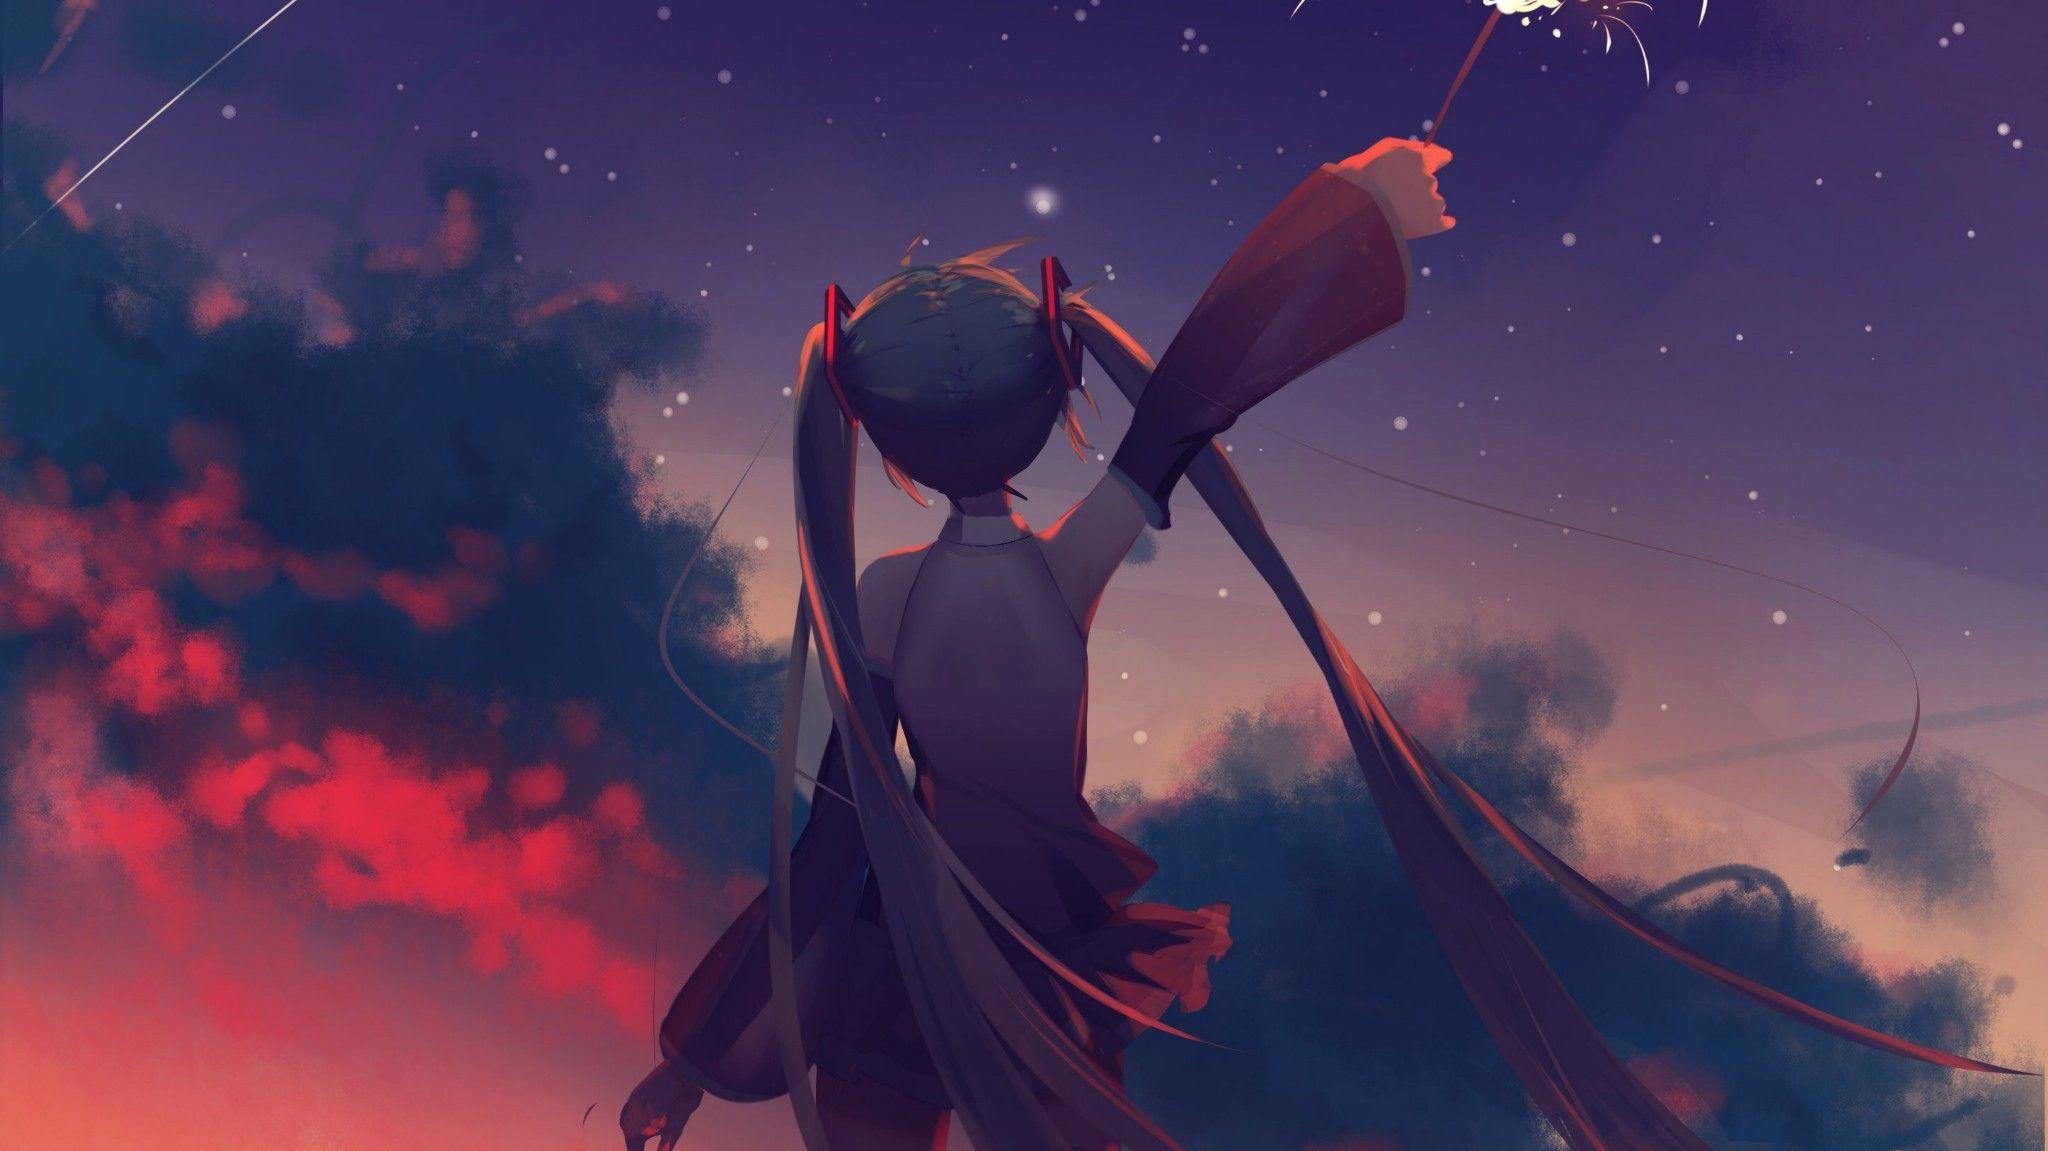 23 wallpaper anime wallpaper